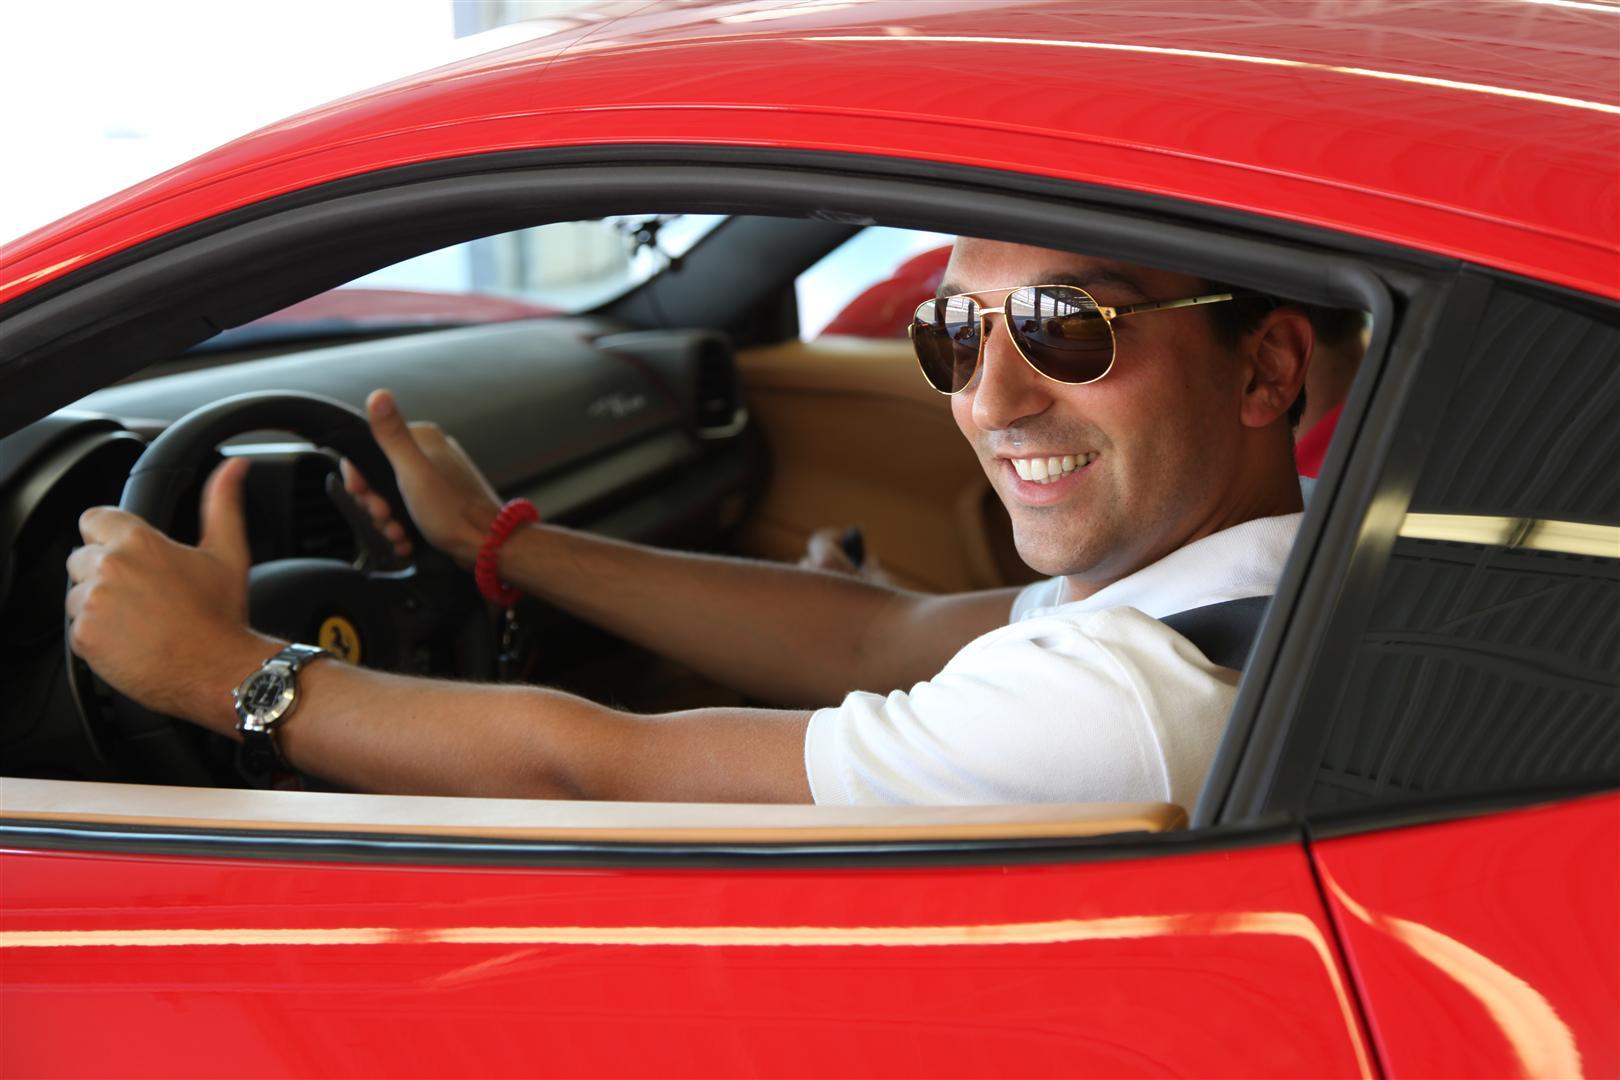 Happy Exotics Racing Customer behind the wheel!.jpg